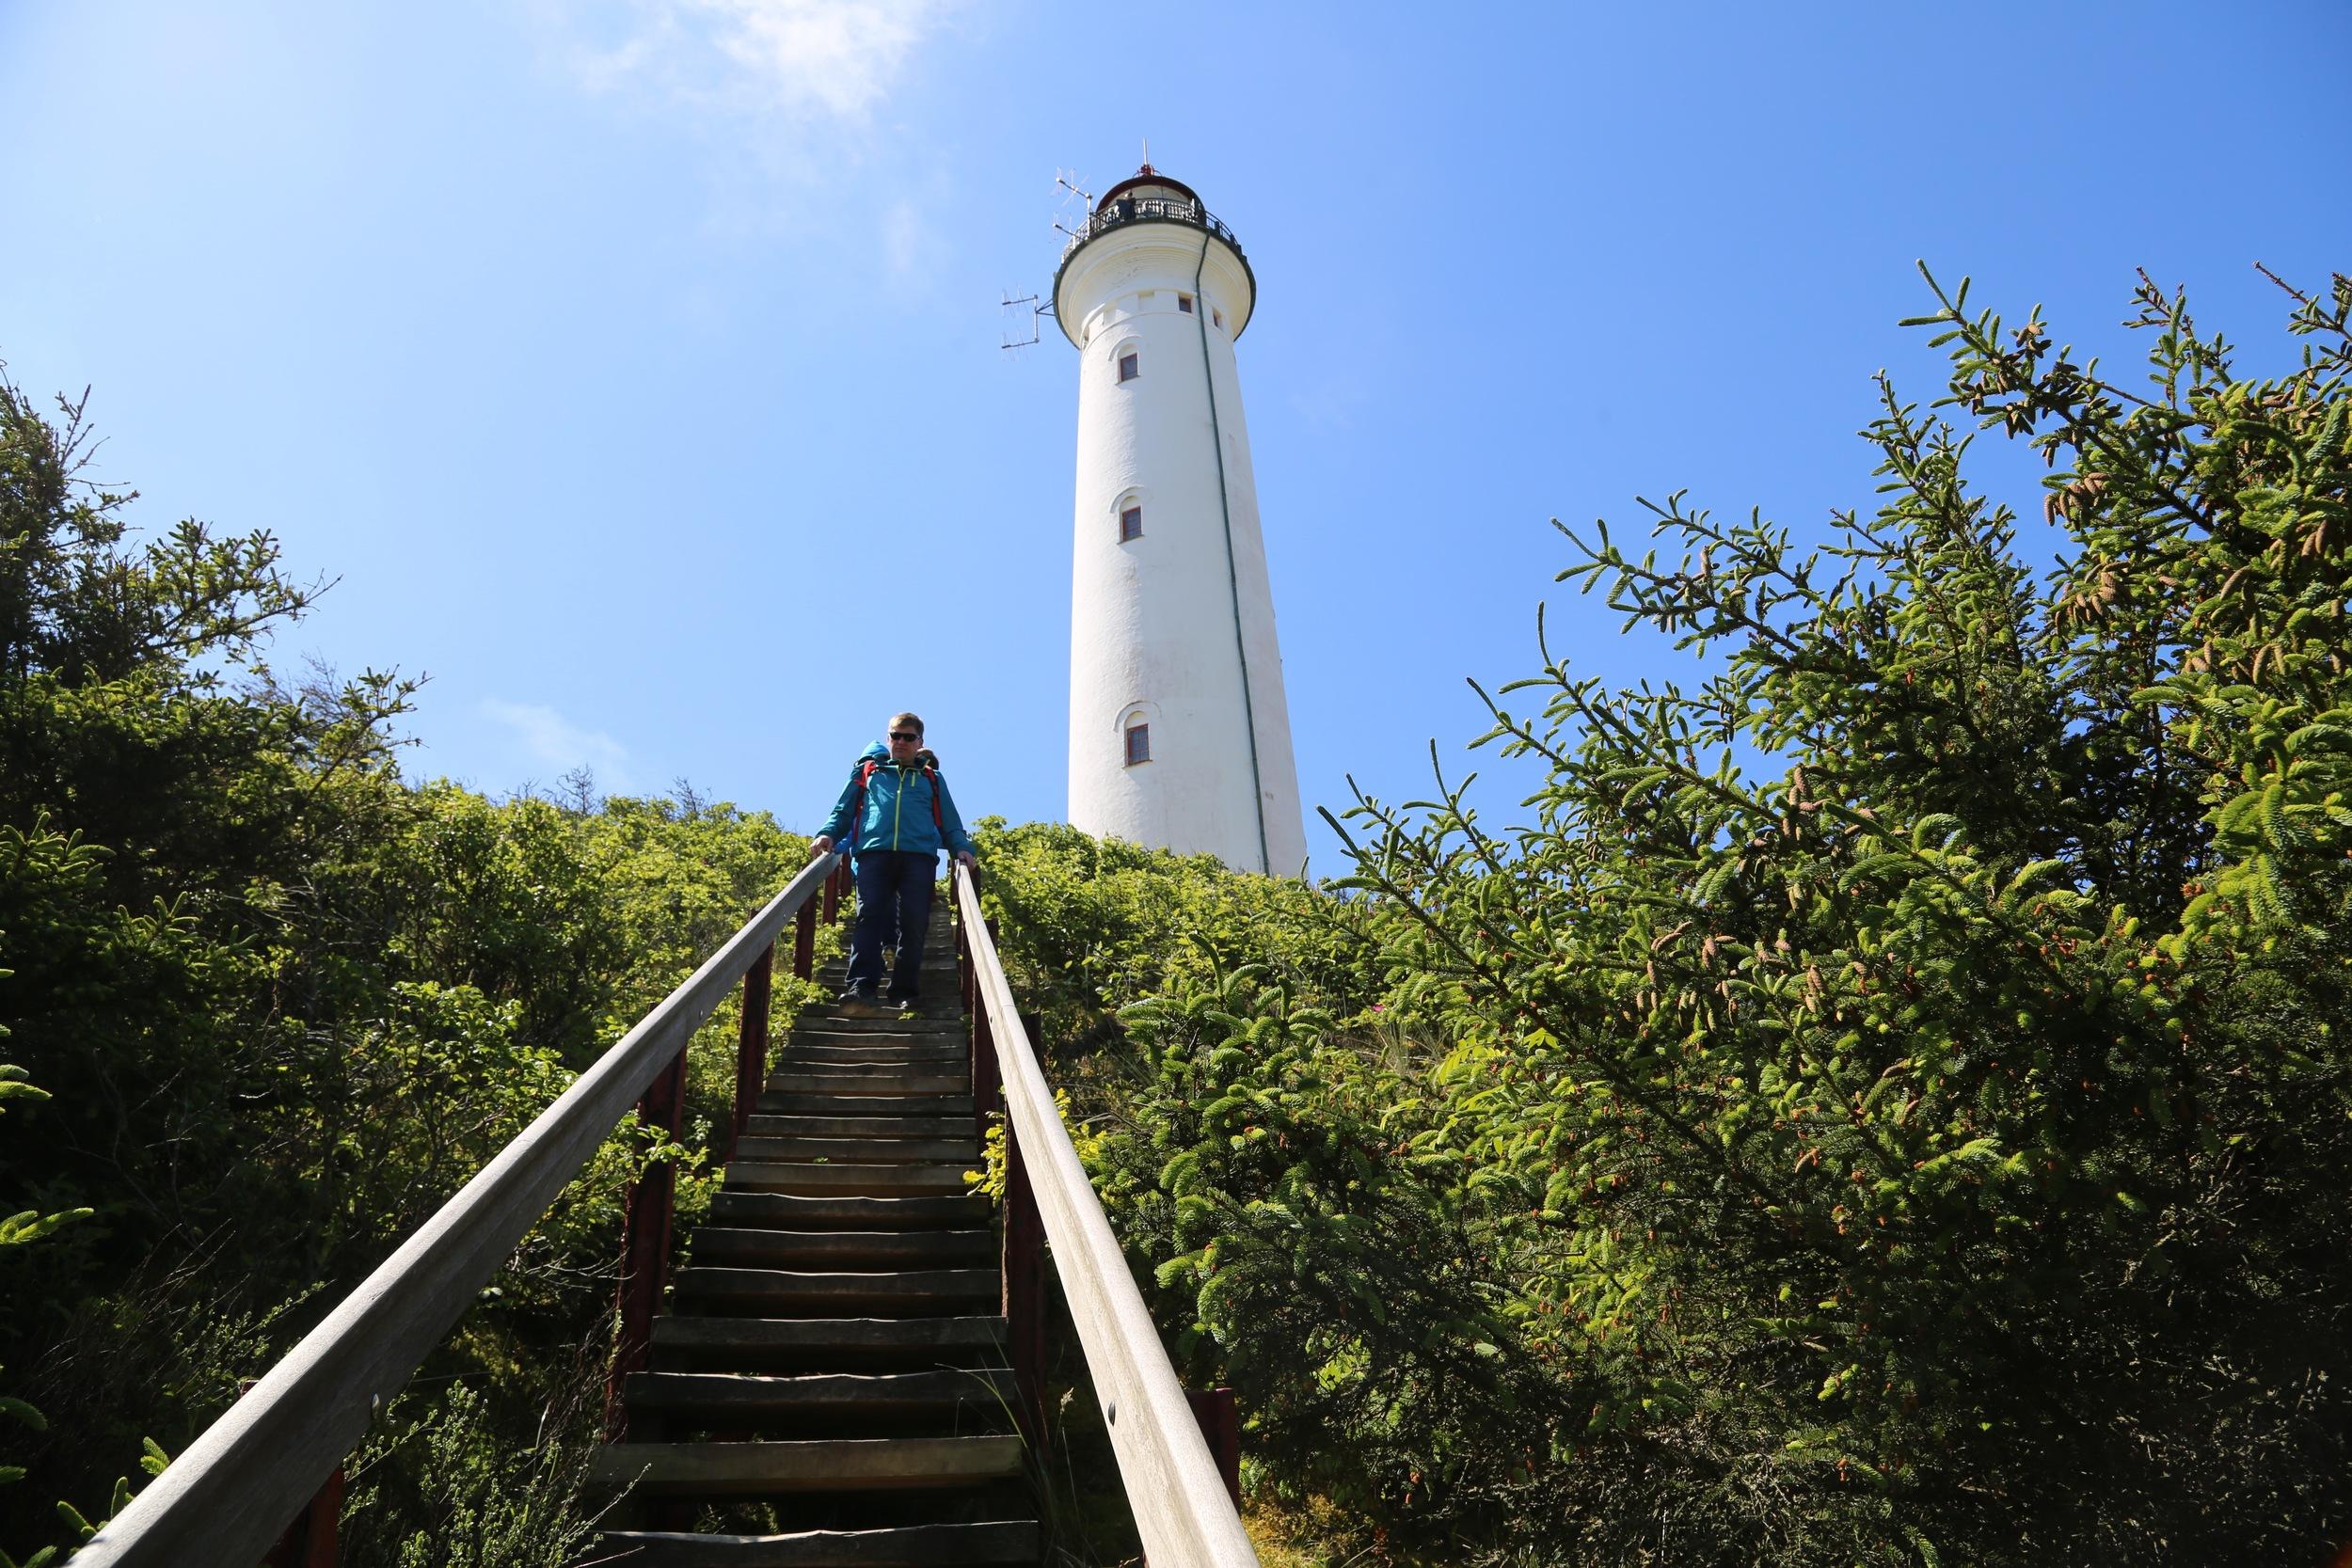 Ta trappene opp til toppen av fyret. Foto: Odd Roar Lange